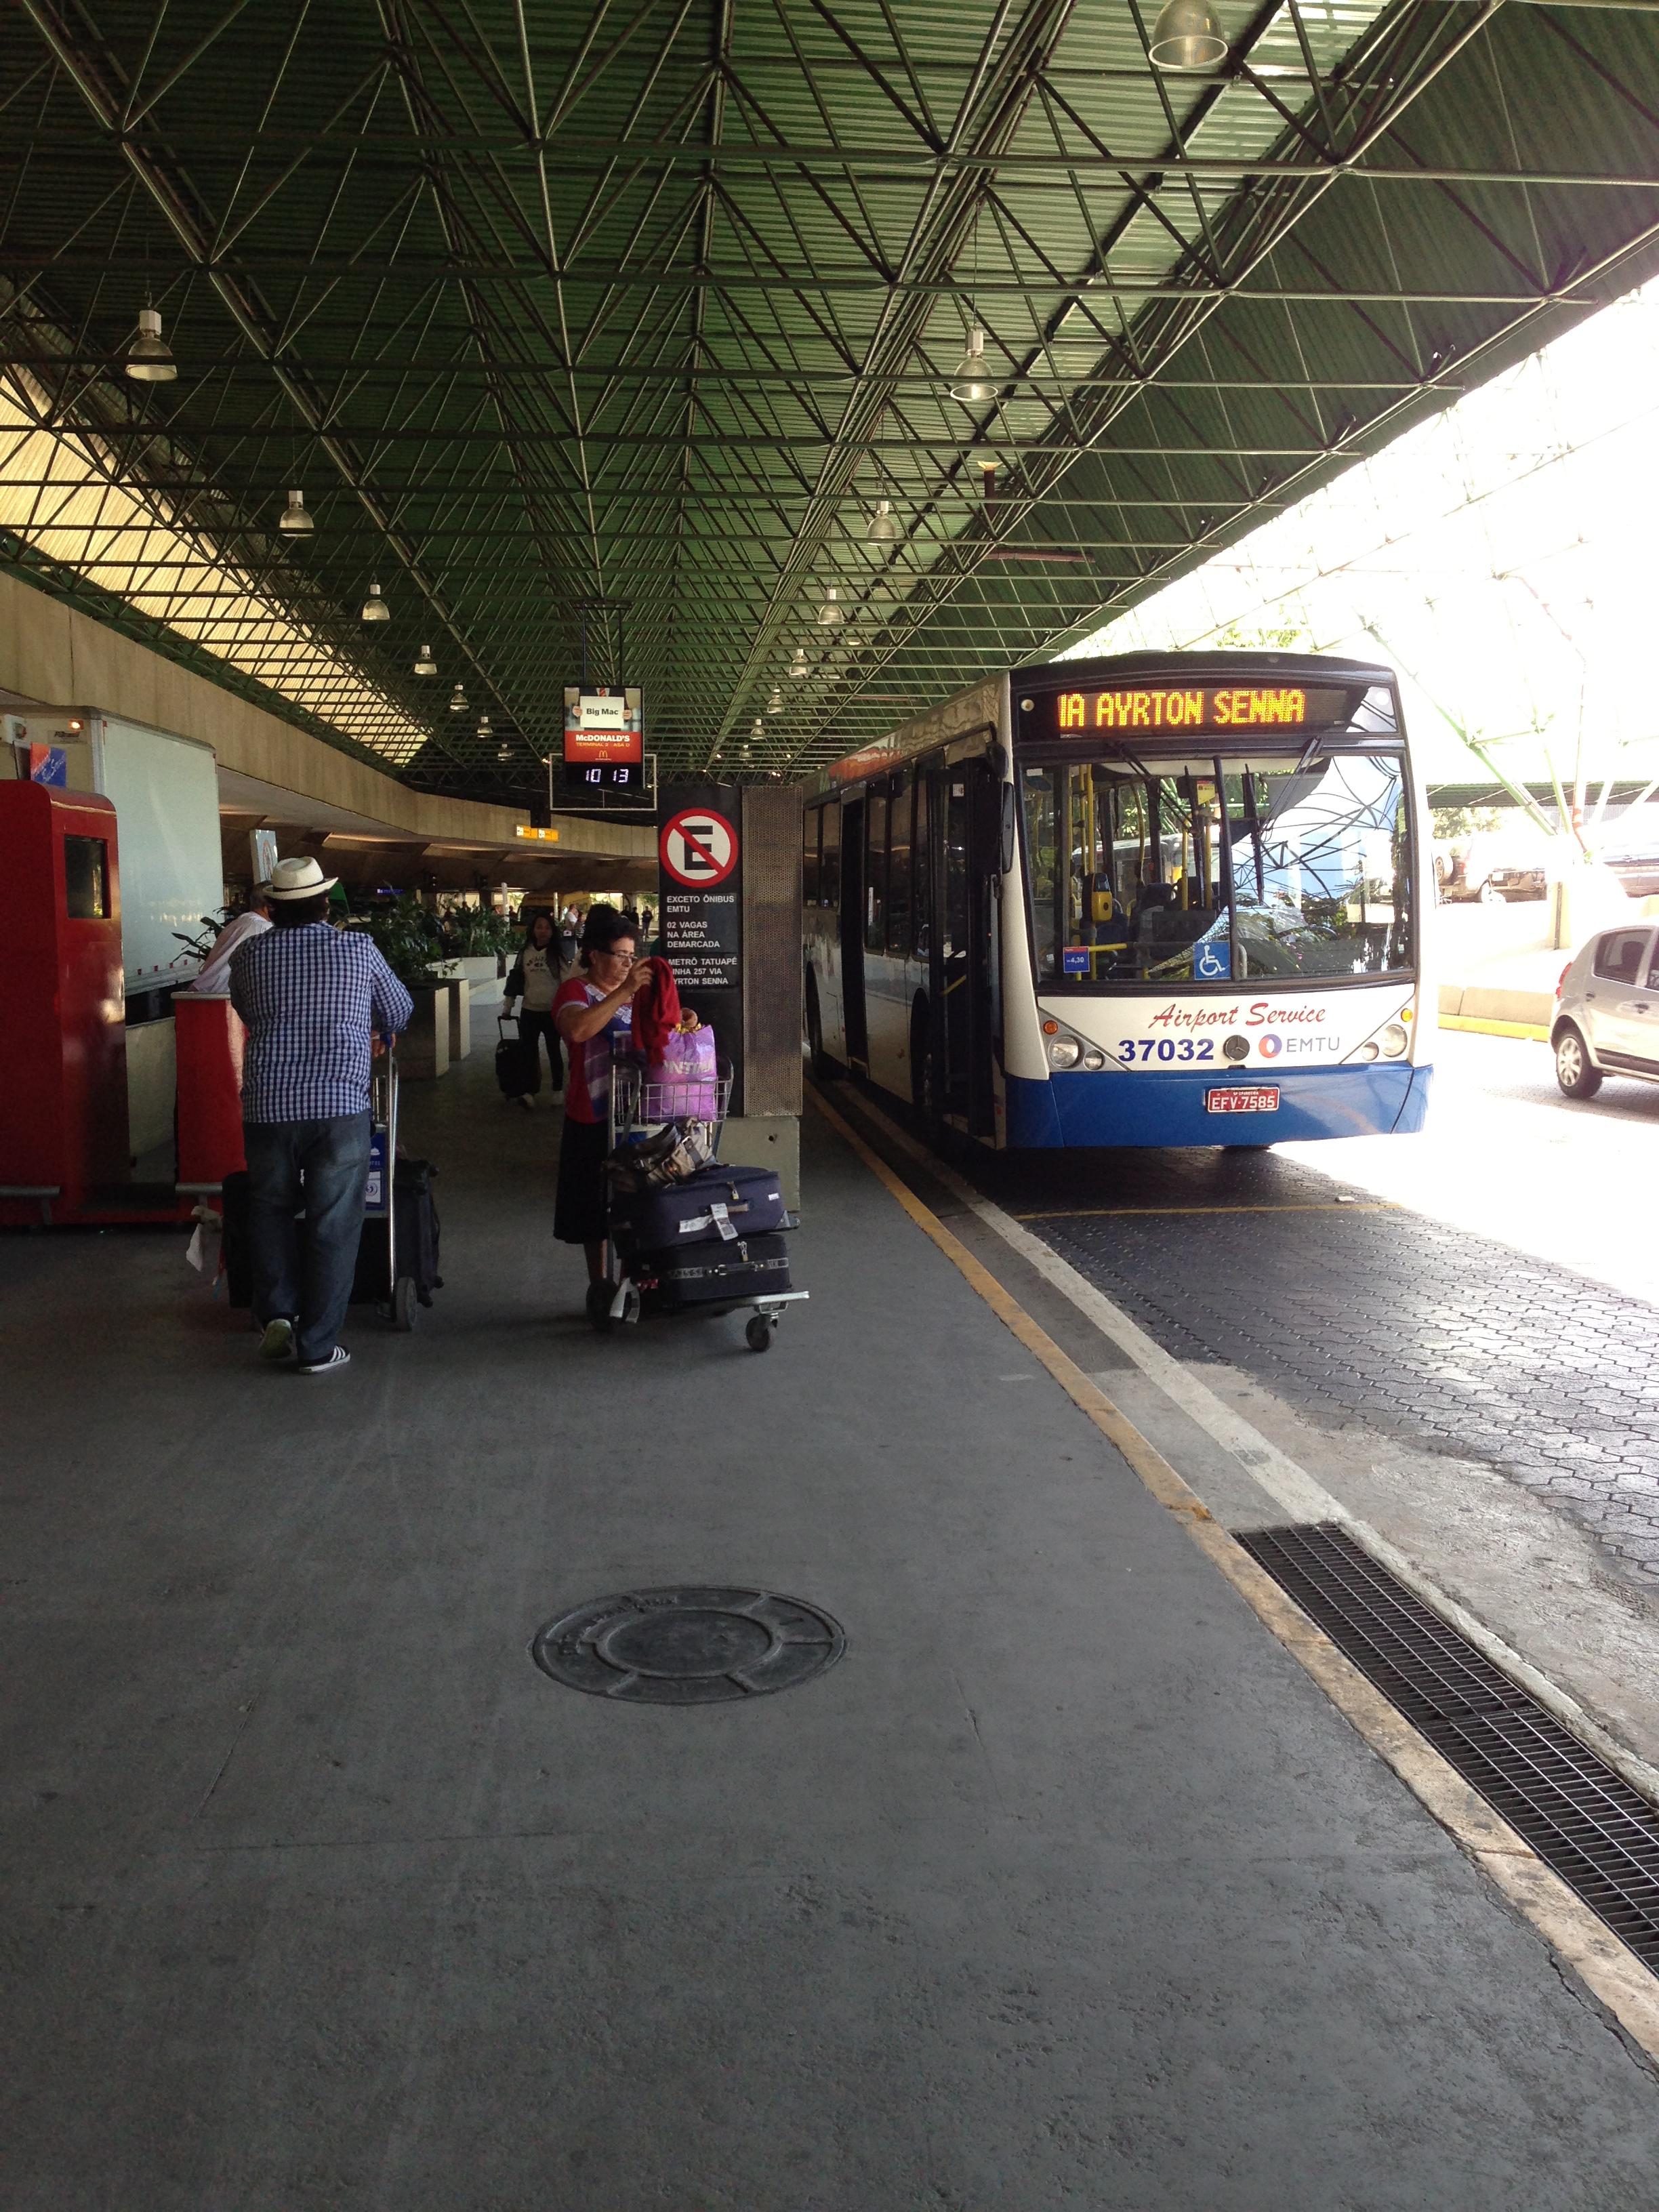 Aeroporto Gru : Ônibus barato no aeroporto de guarulhos em são paulo viagem massa